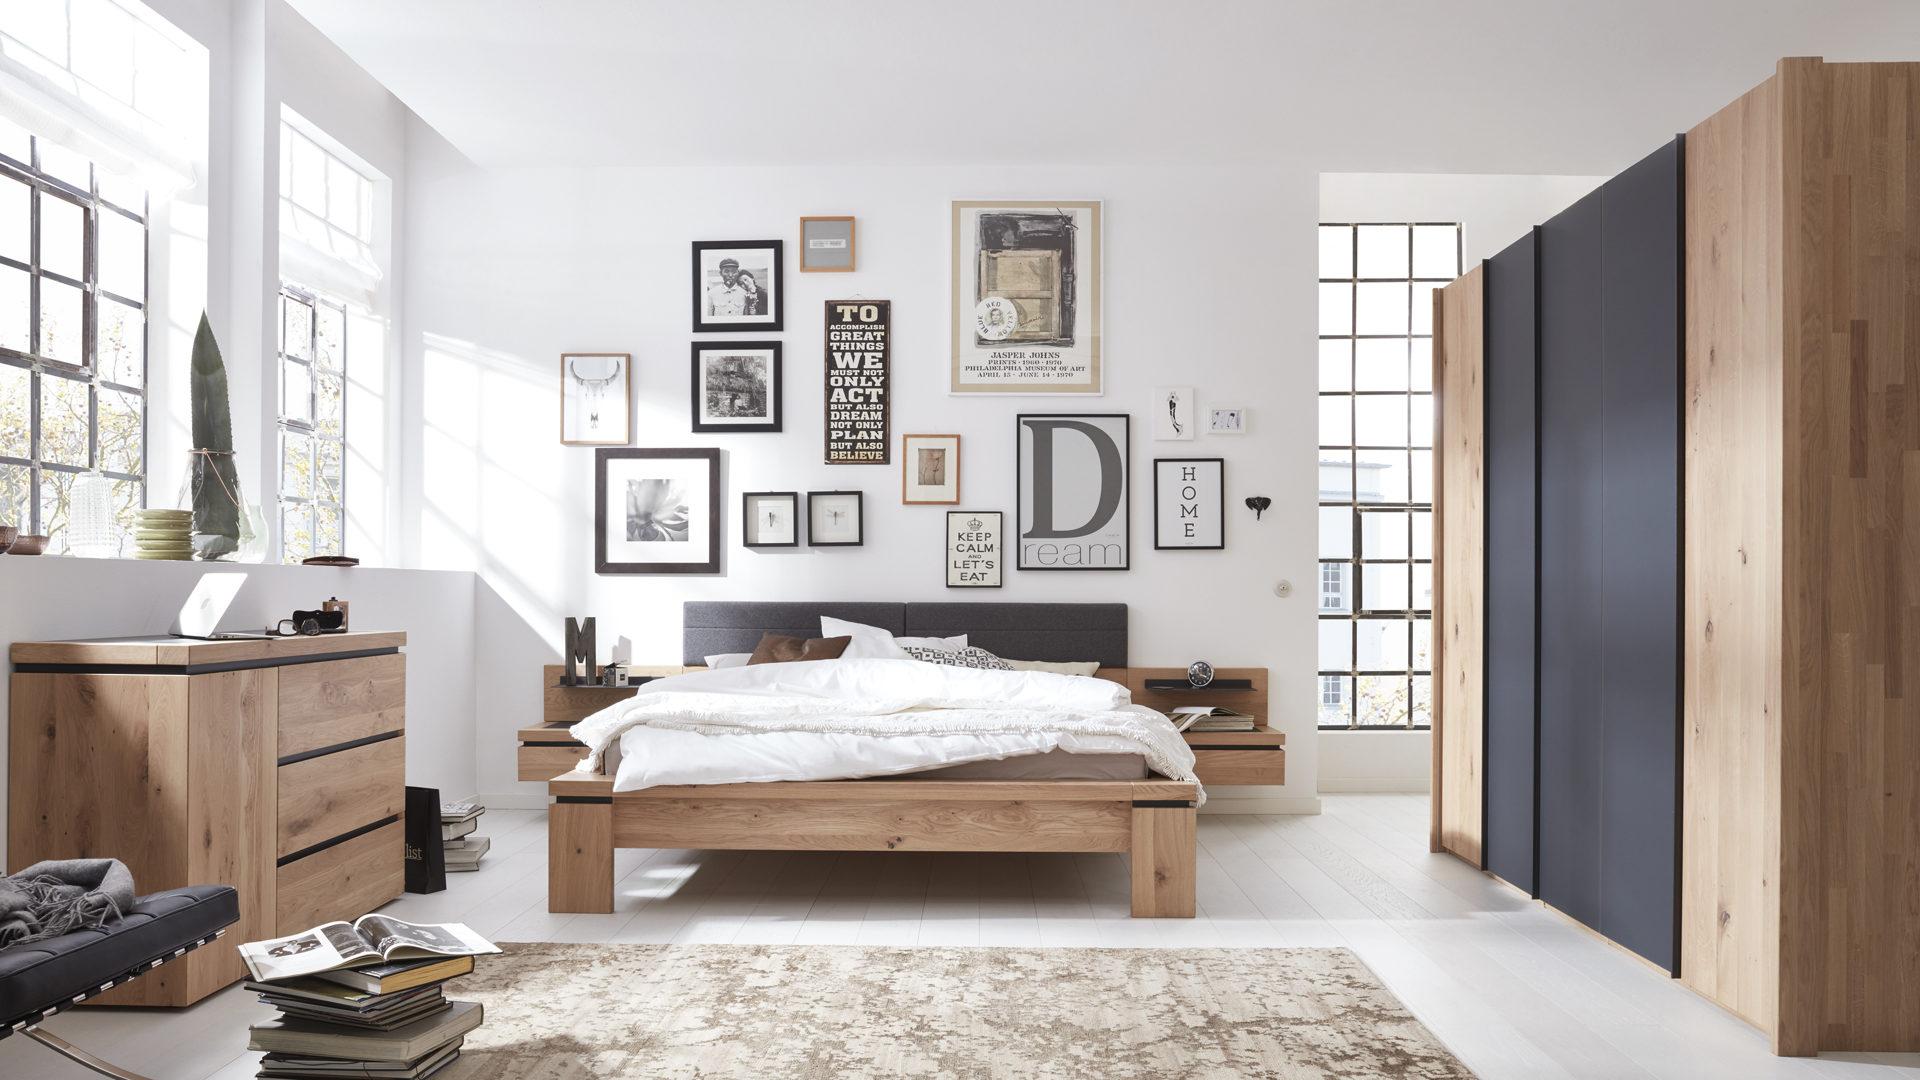 Möbel Eilers Apen, Markenshops, Schlafzimmer, Interliving ...